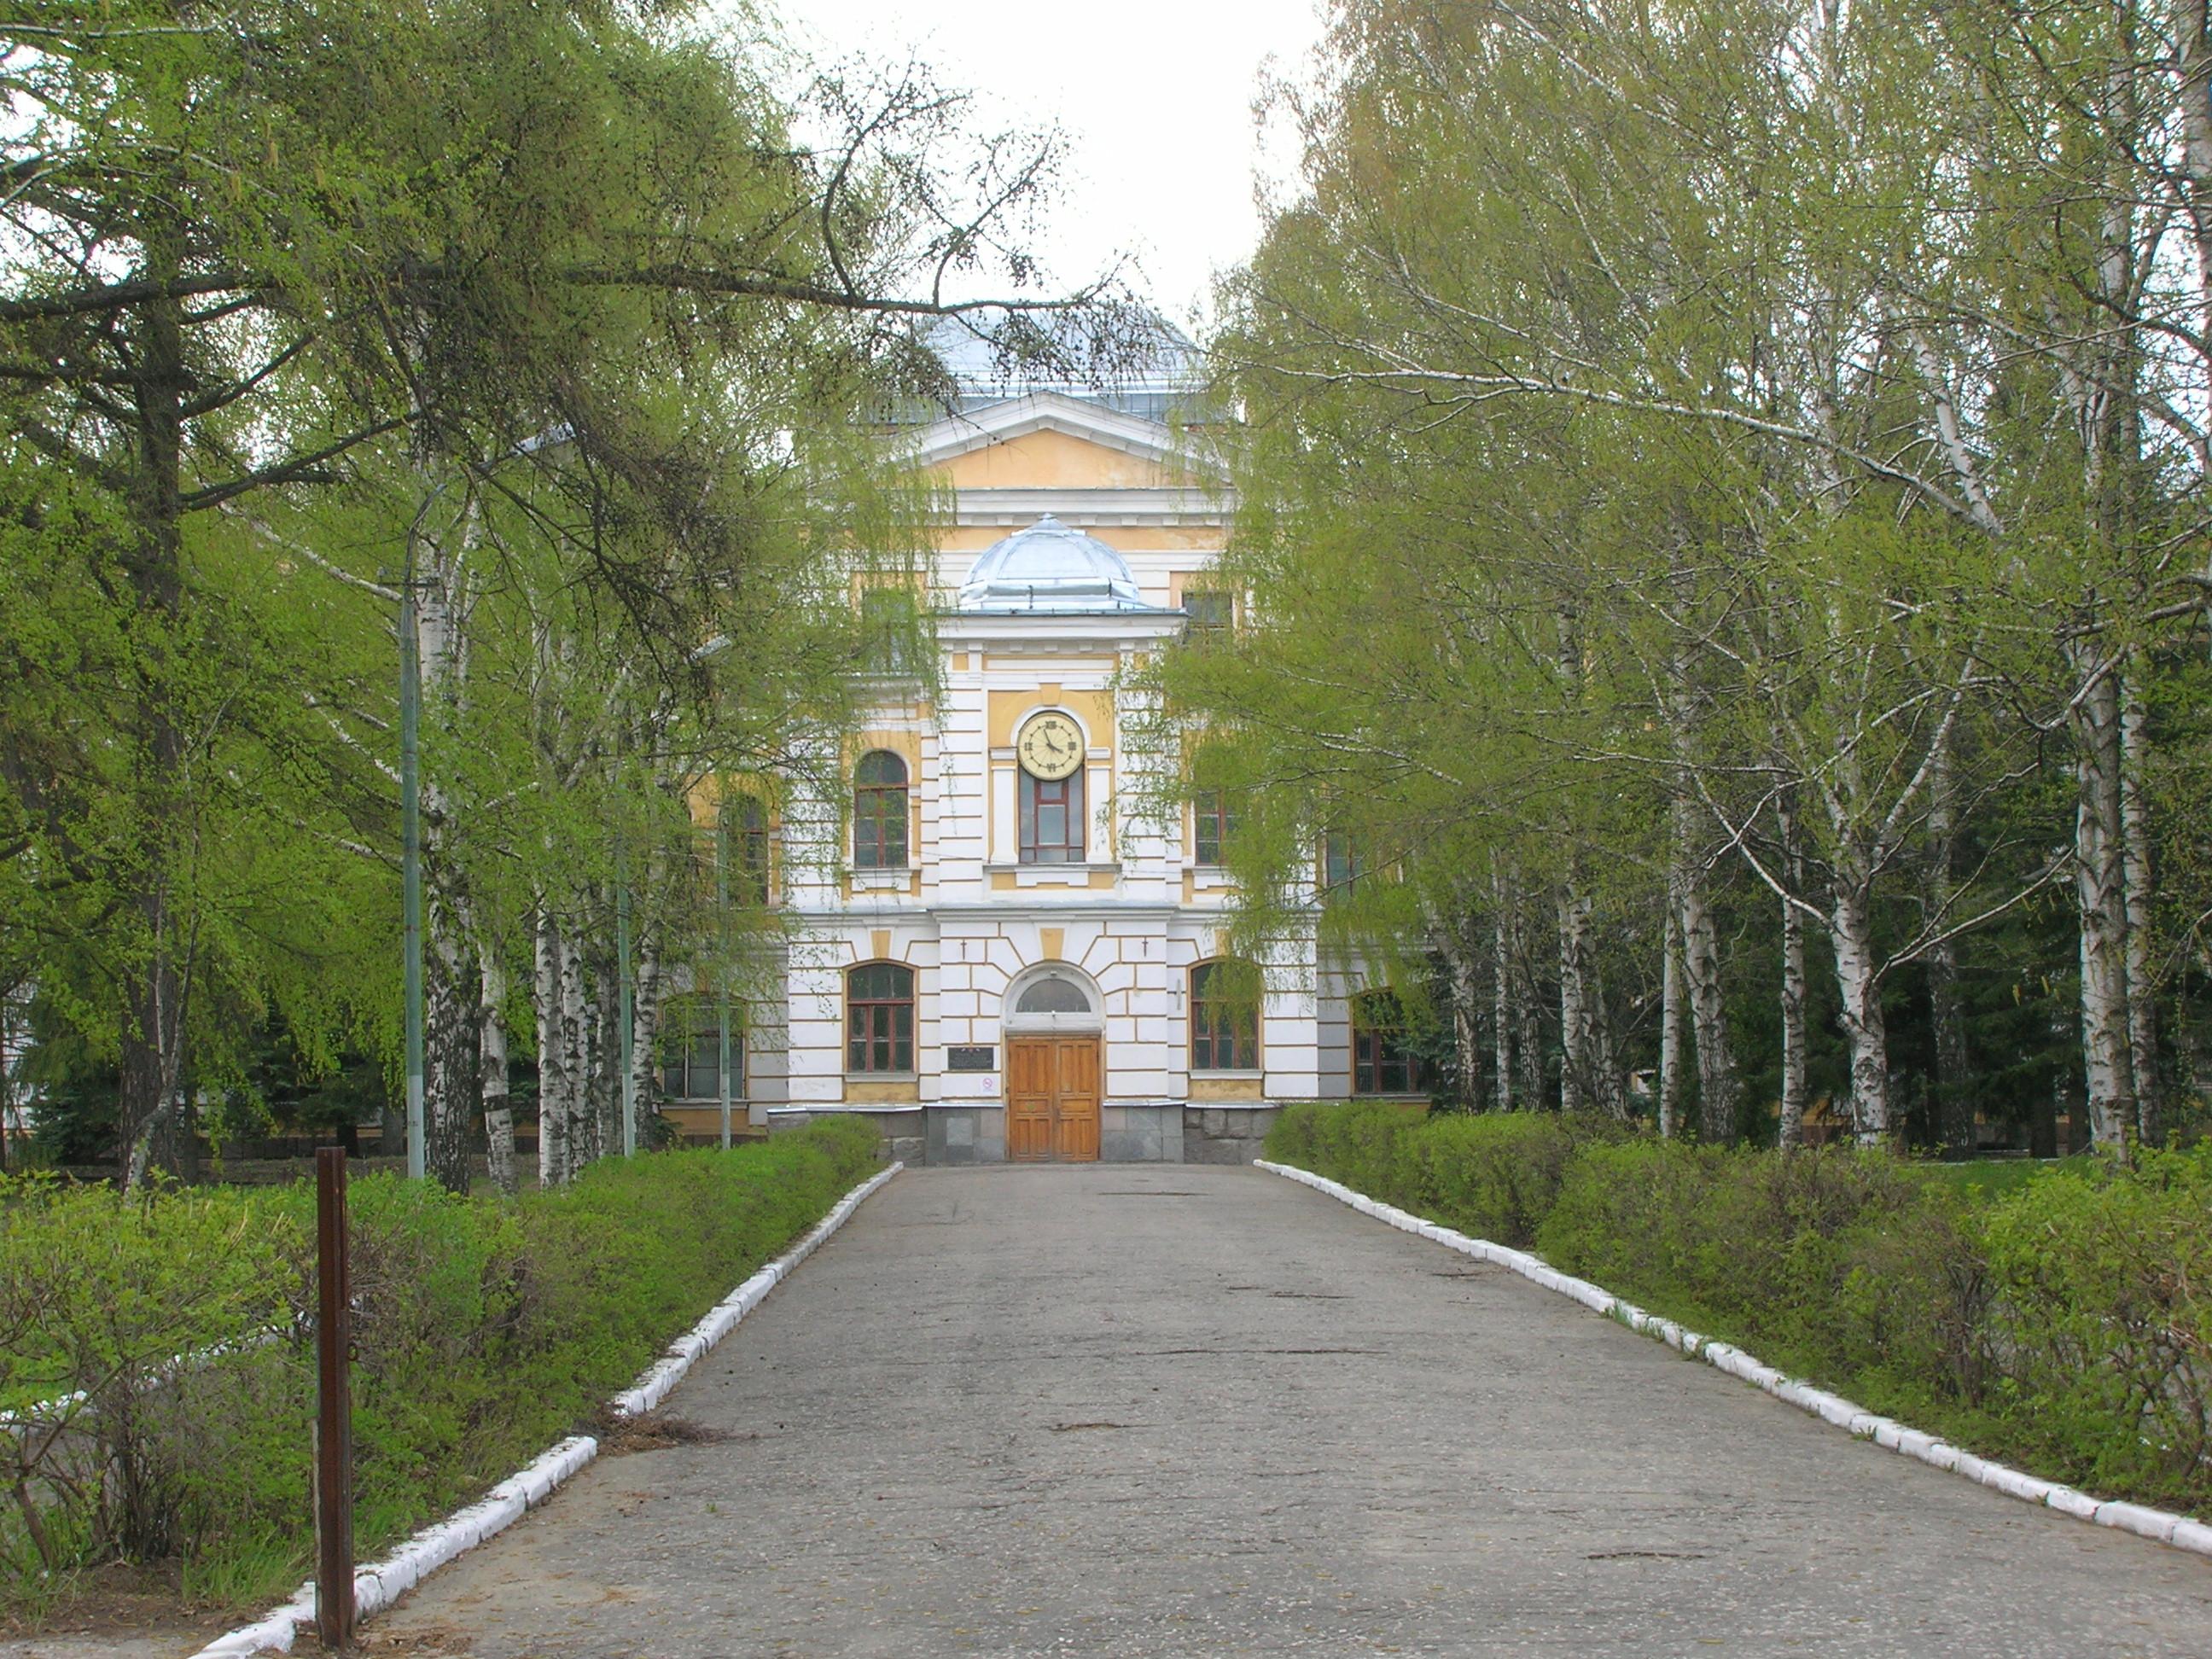 Как я дважды пытался, но ни разу не смог получить высшее ИТ-образование в российской провинции